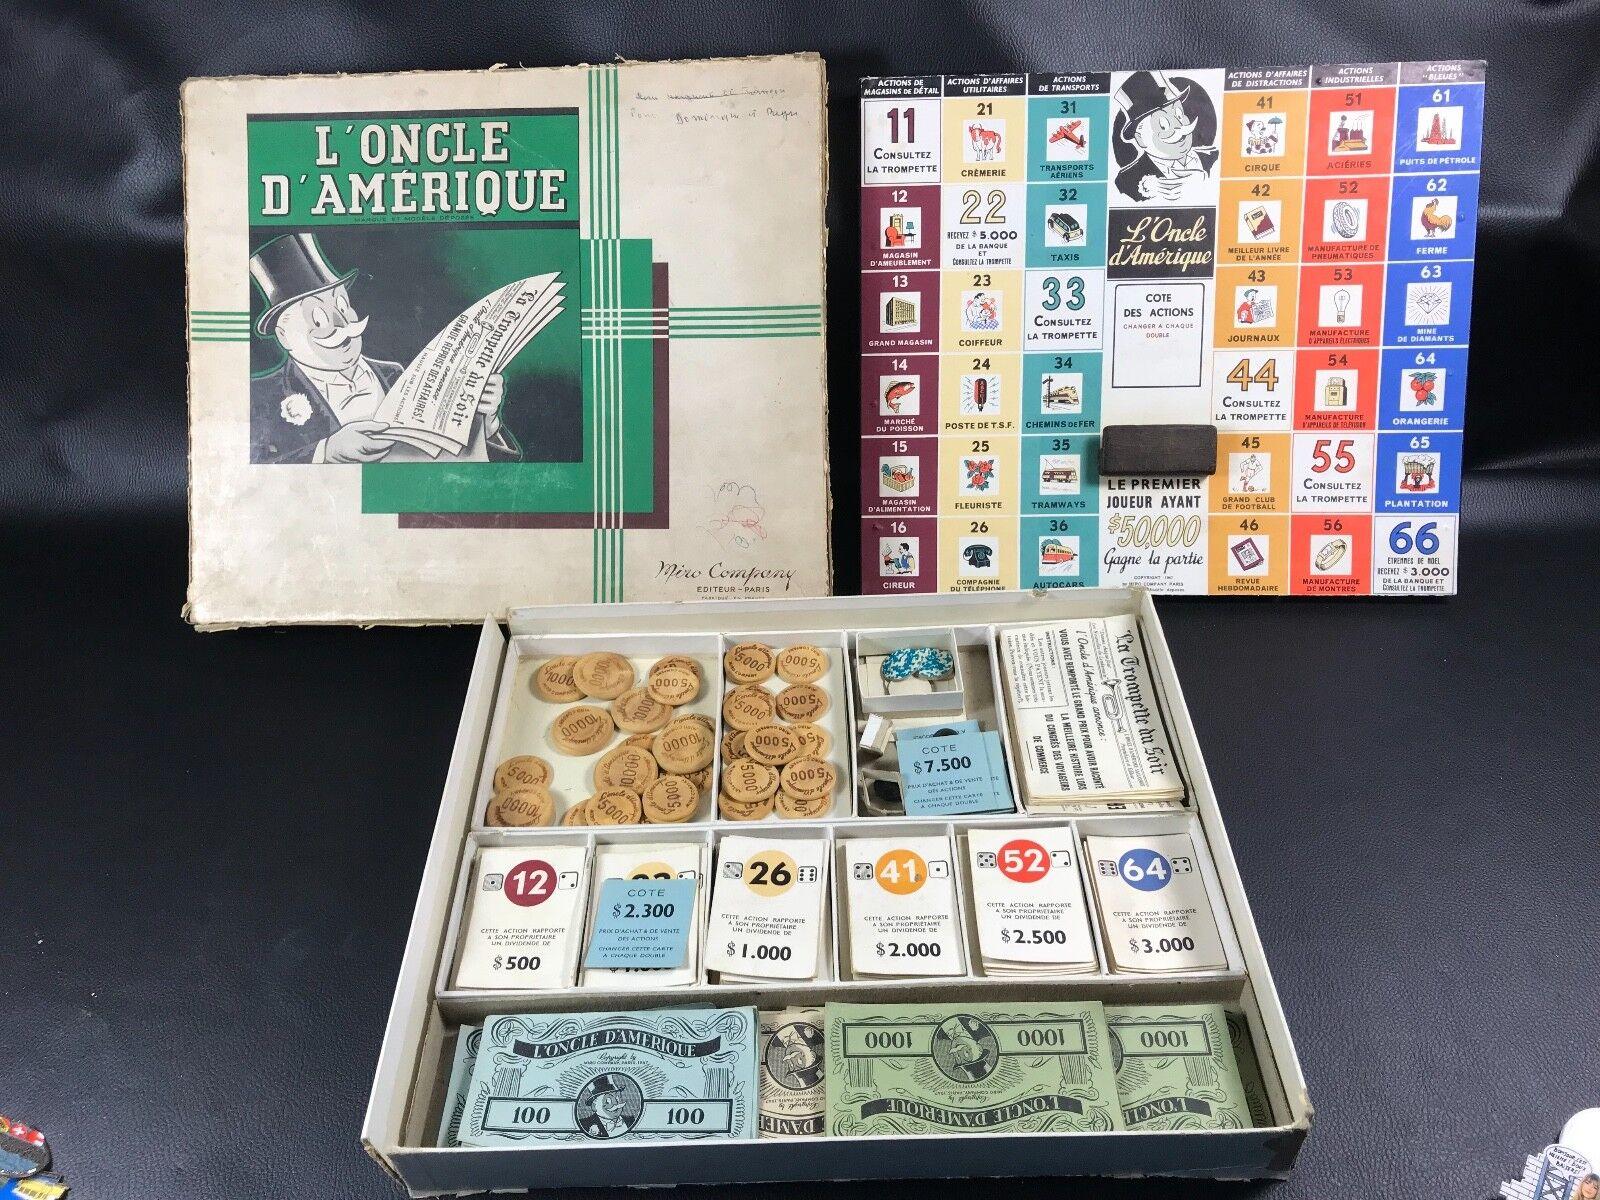 buena calidad VINTAGE ET ET ET RARE L'ONCLE D'AMERIQUE 1947 EN BOITE  la mejor selección de